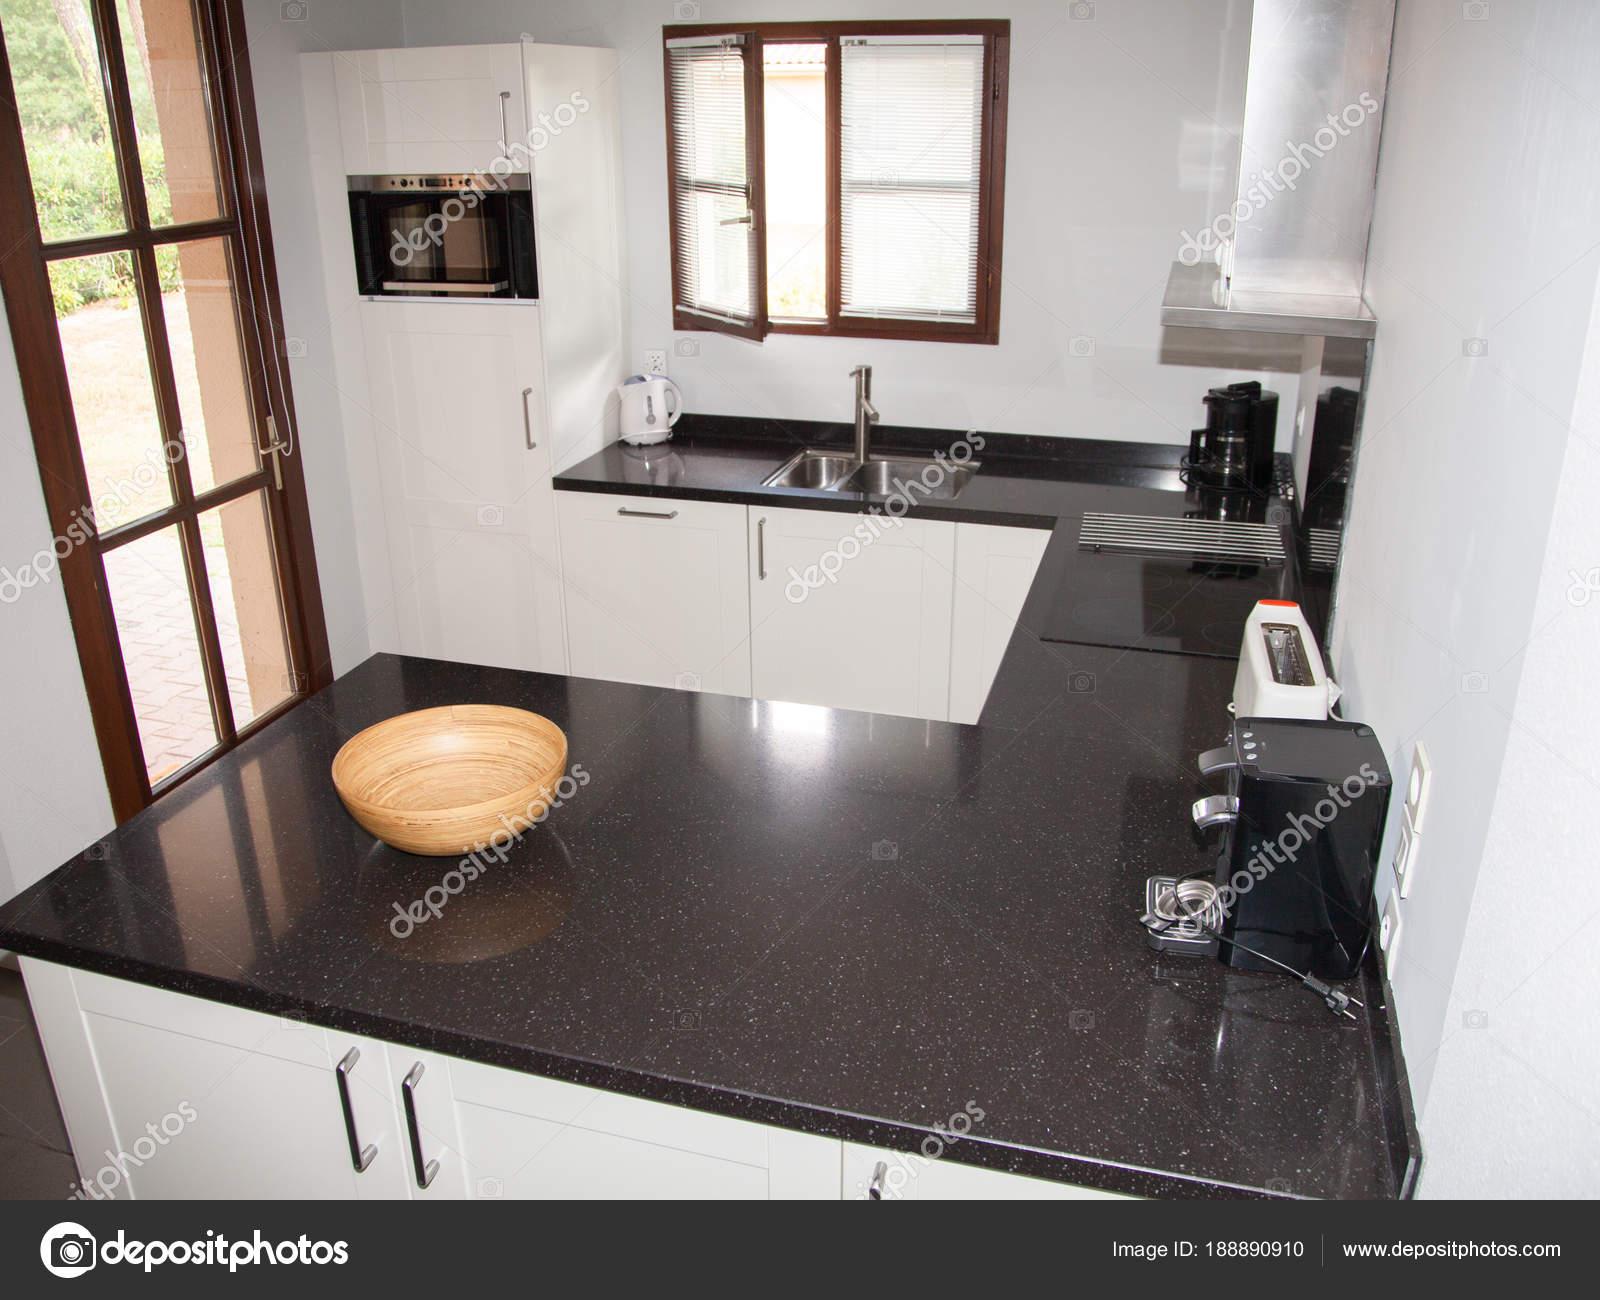 Schöne Küche Innenraum Mit Weißen Schränke Tops Küchentheke Insel Und U2014  Stockfoto